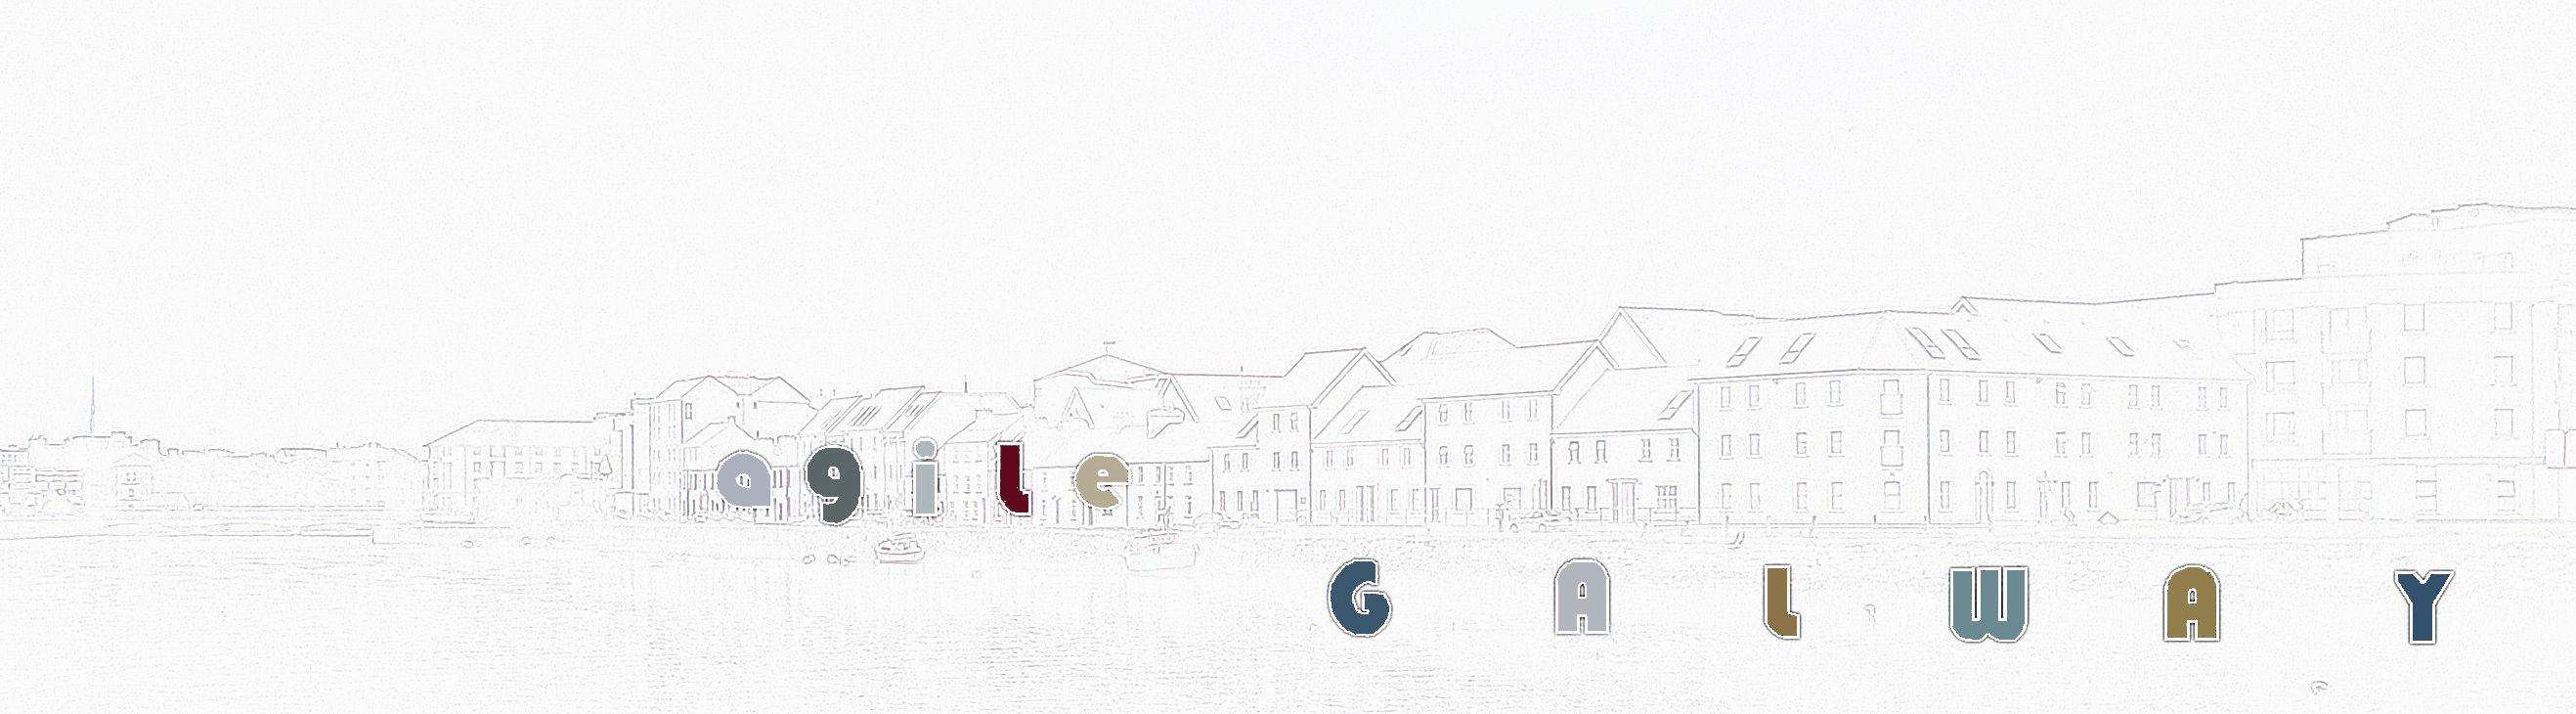 Agile-Lean Meetup Galway